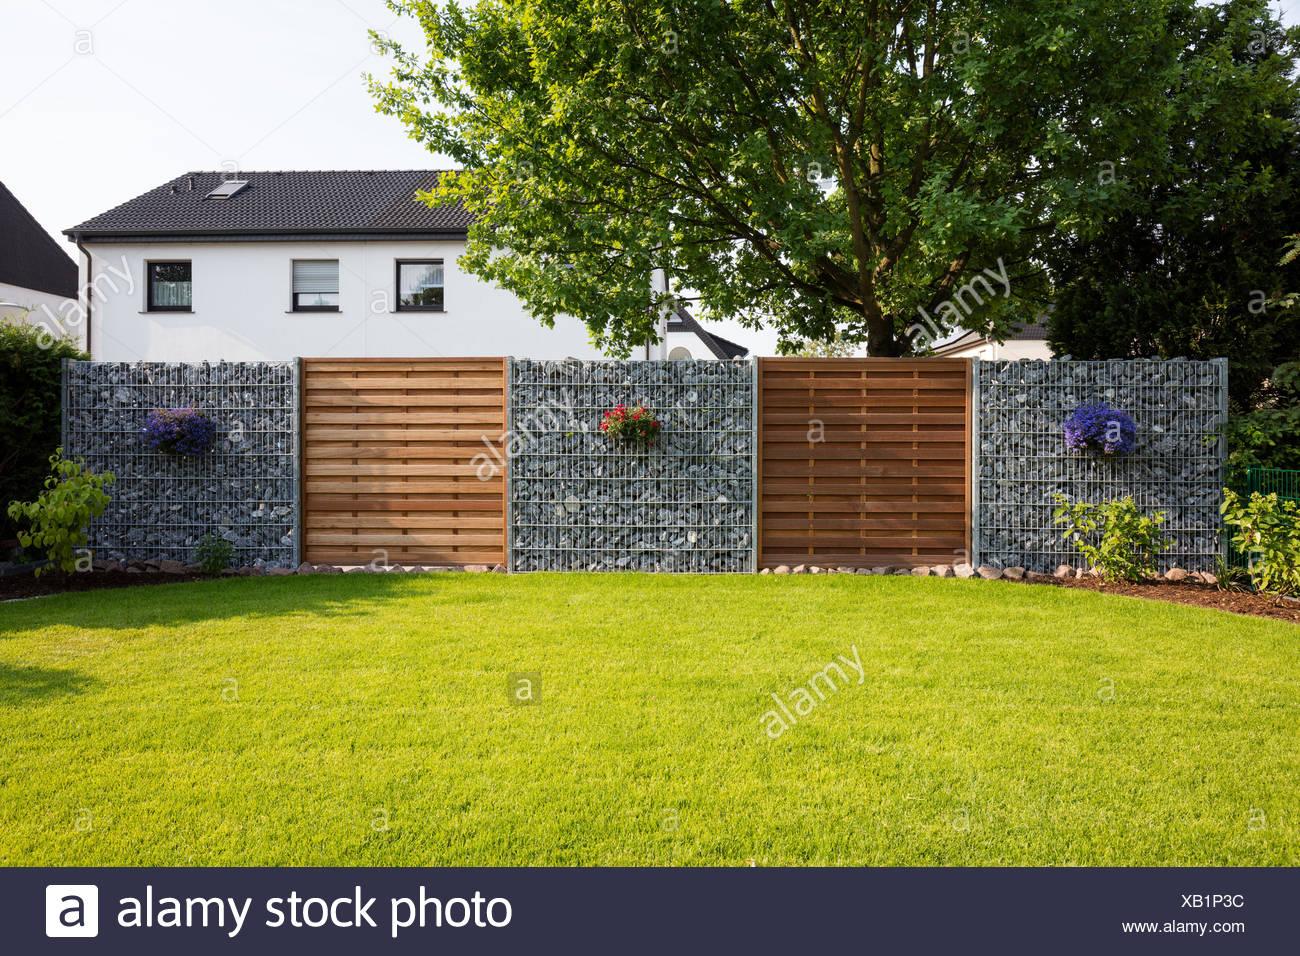 Rasen Privatsphare Zaun Haus Garten Nordrhein Westfalen